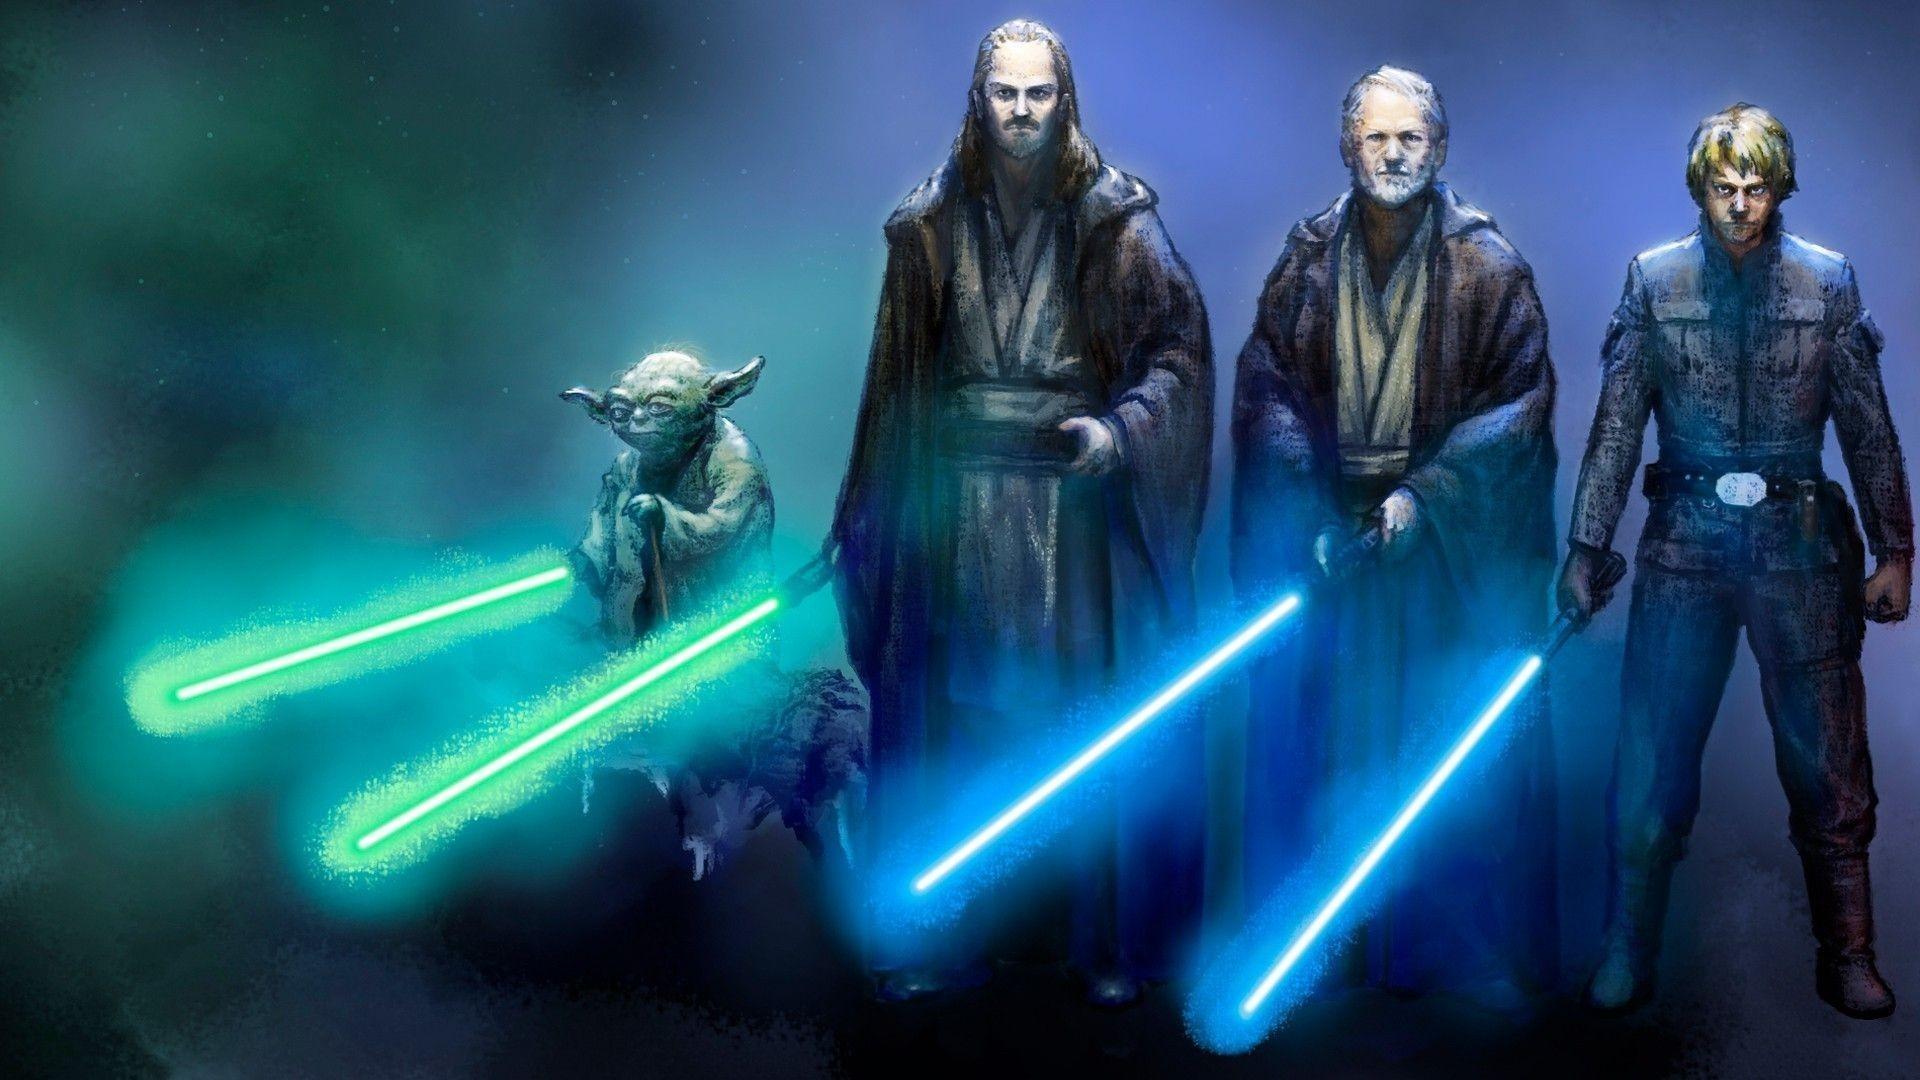 120 Star Wars Jedi Wallpaper Hd